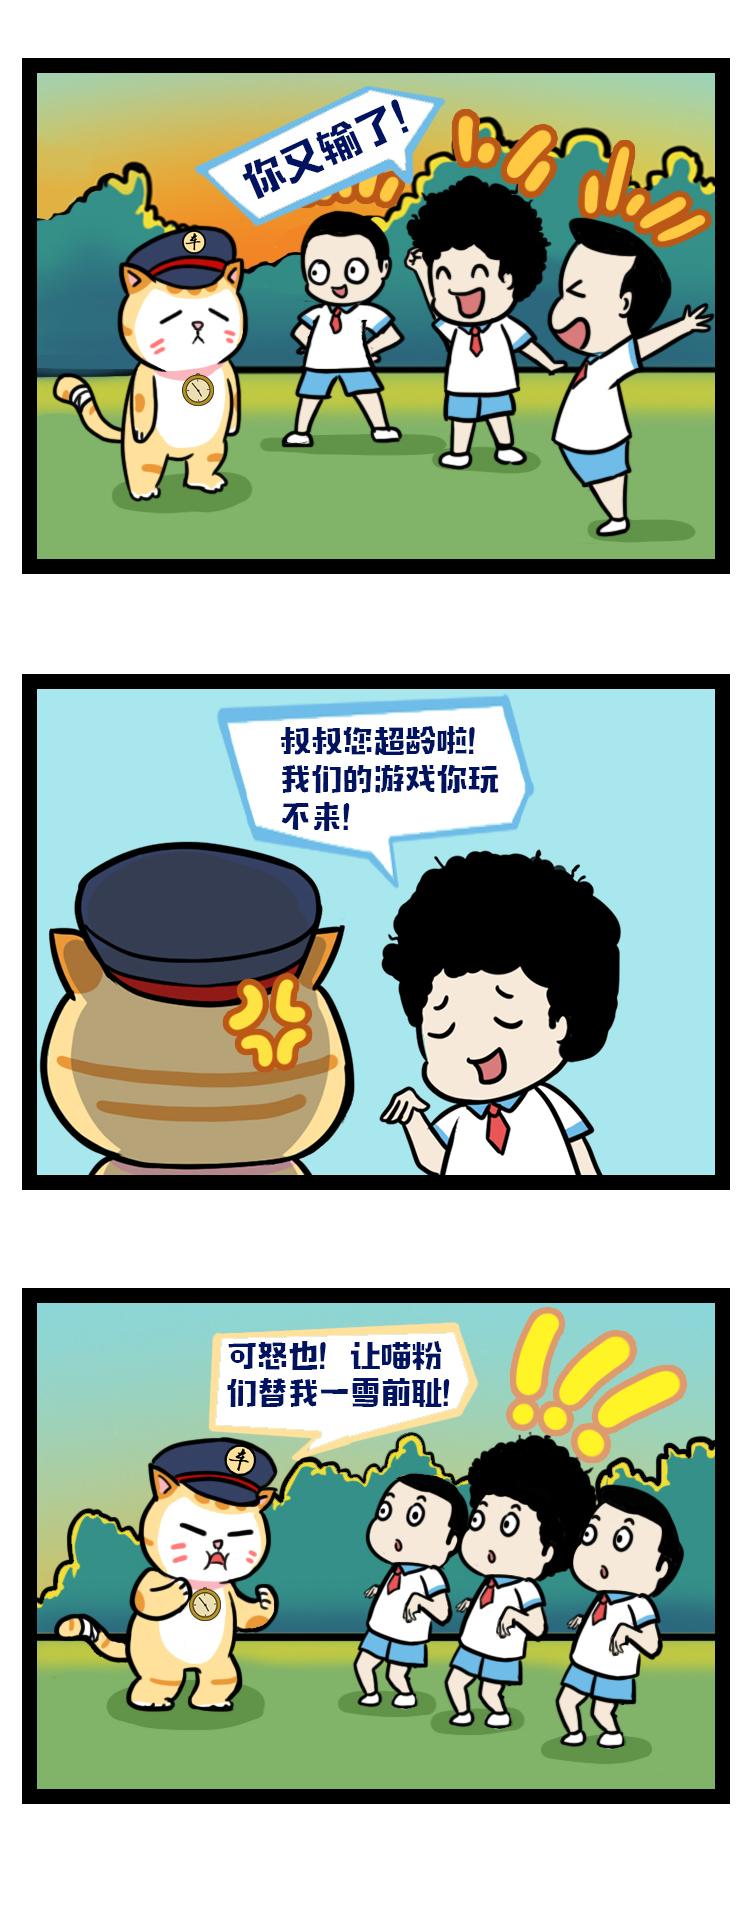 601漫画2_02.jpg